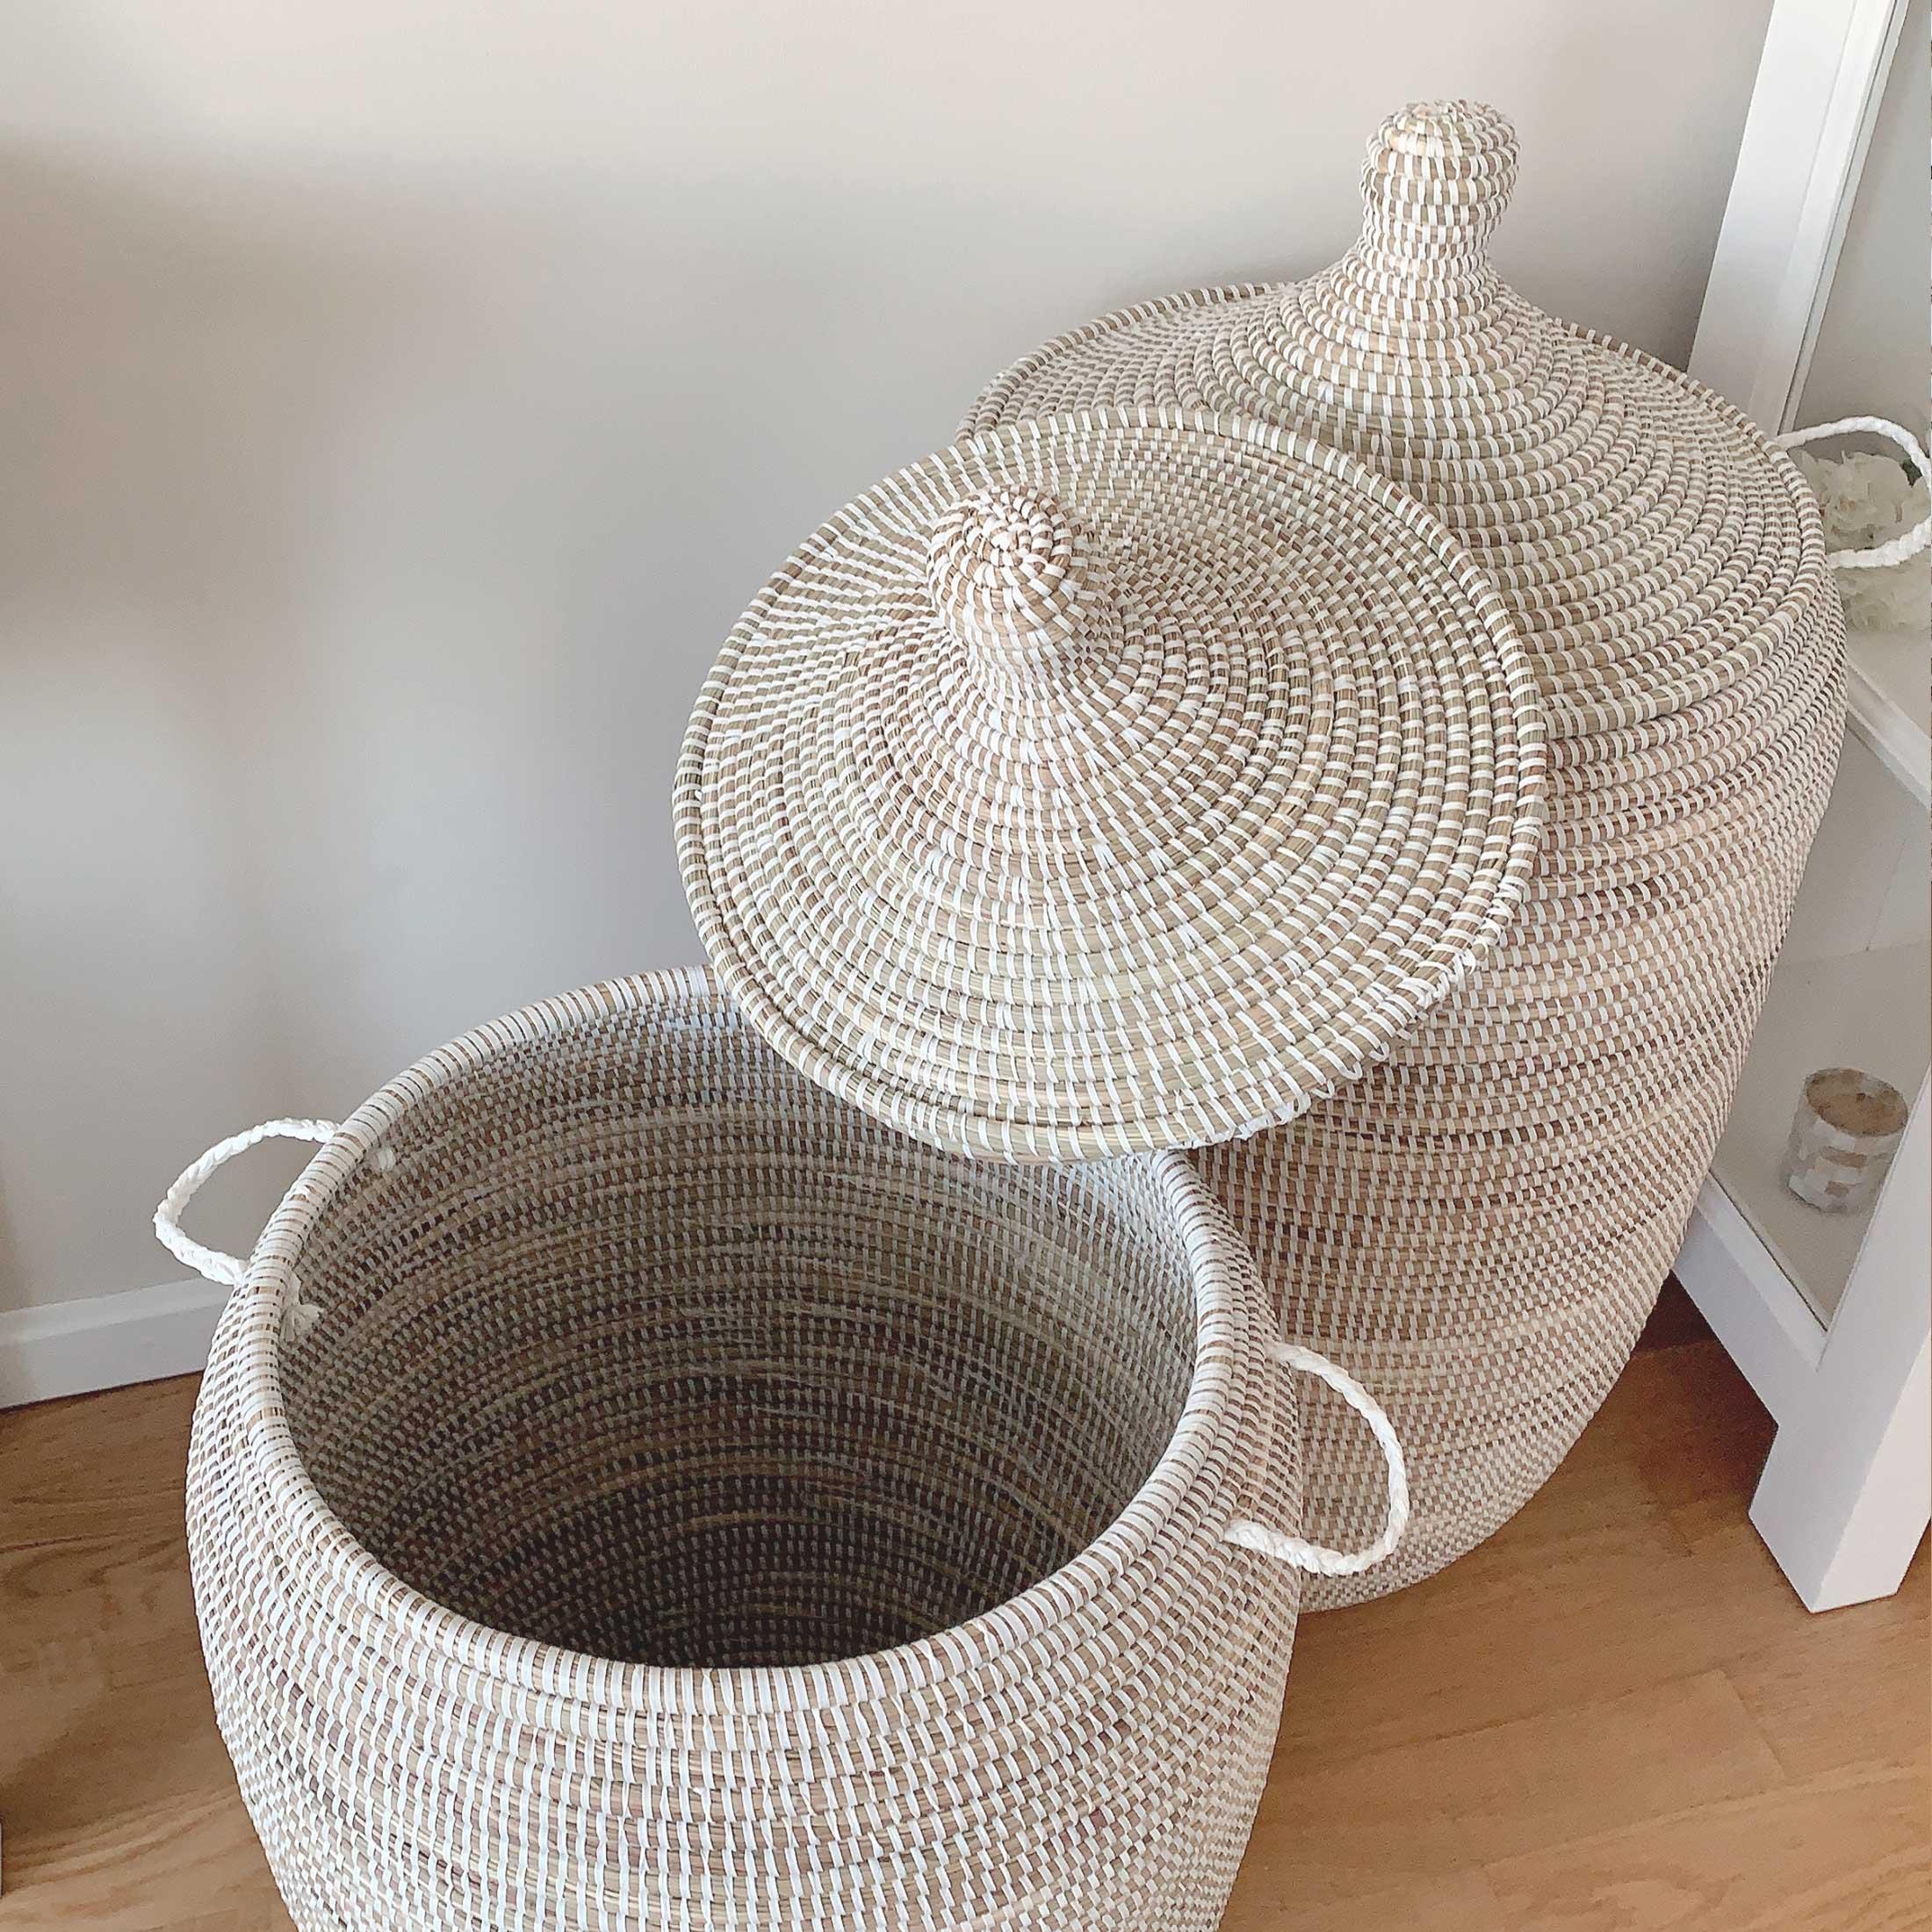 Weisser Deckel-Korb mit Henkel für die Aufbewahrung ✅ Henkelkorb online kaufen ♥ Für Wäsche, Badezimmer, Spielzeug, Wohnzimmer, Küche